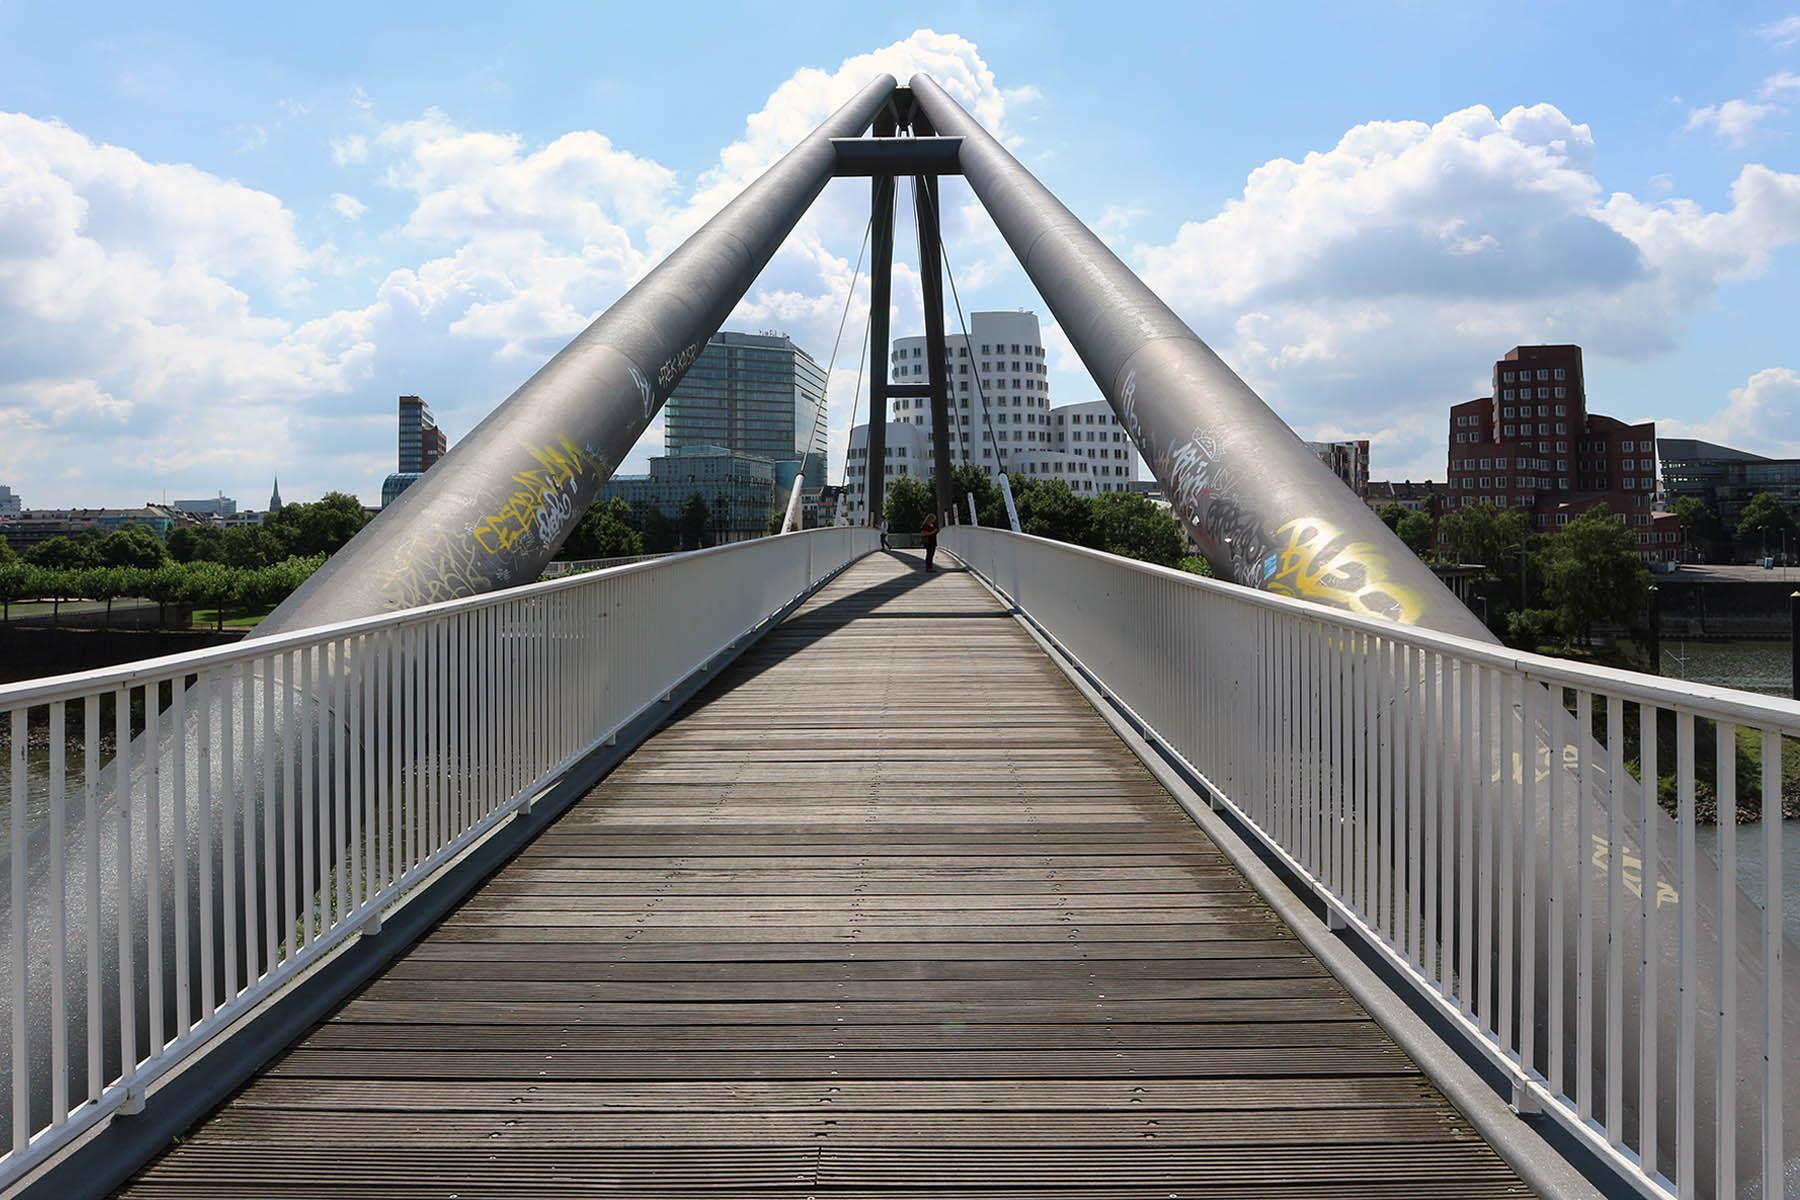 Hafenbrücke. Entwurf und Planung Schüßler-Plan Ingenieurgesellschaft mbH. Fertigstellung der Hängesprengwerkbrücke 1992